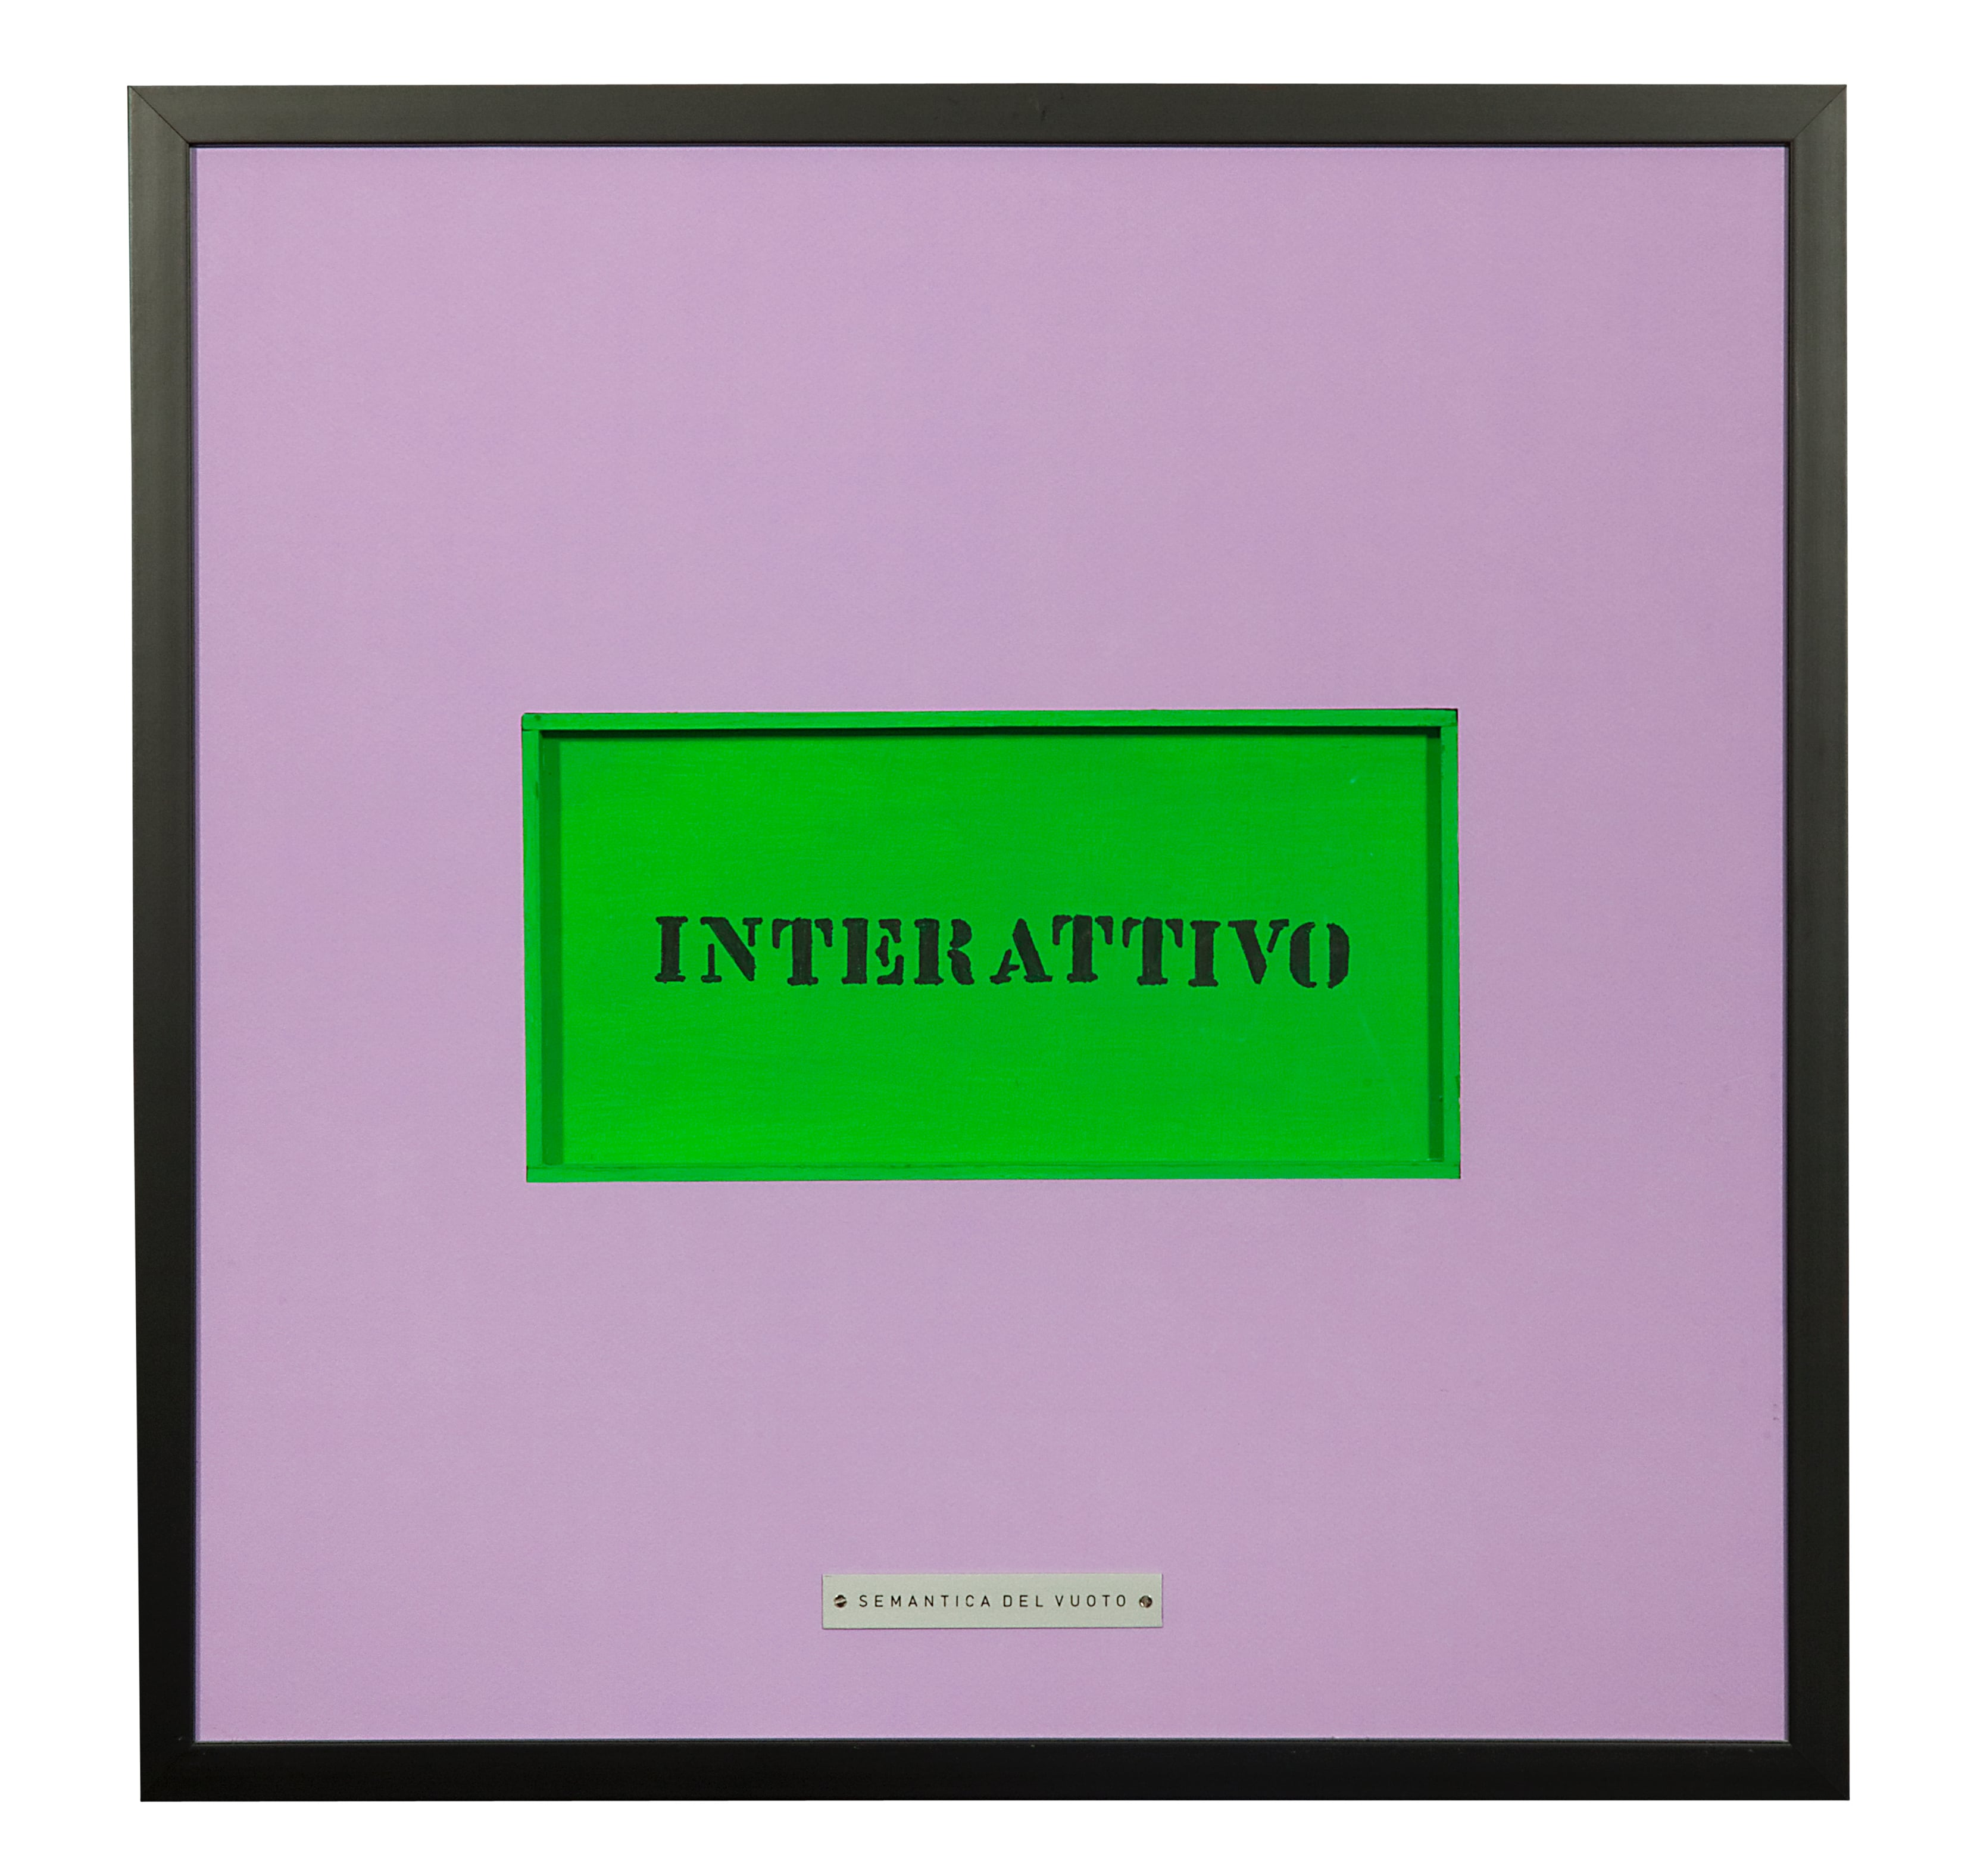 Interattivo